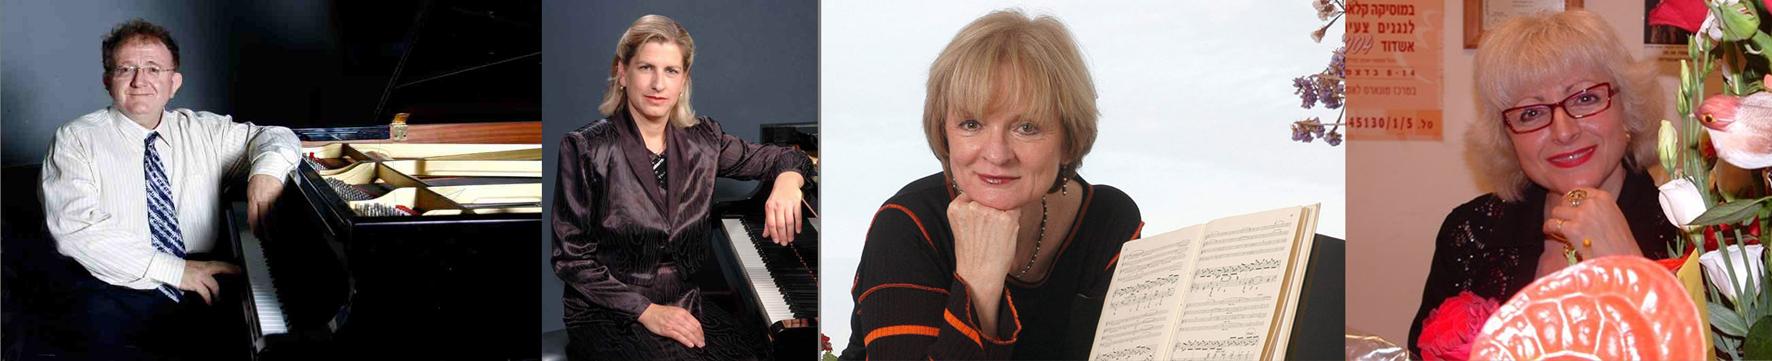 «Два рояля – четыре пианиста». Фортепьянные дуэты в Ашдоде